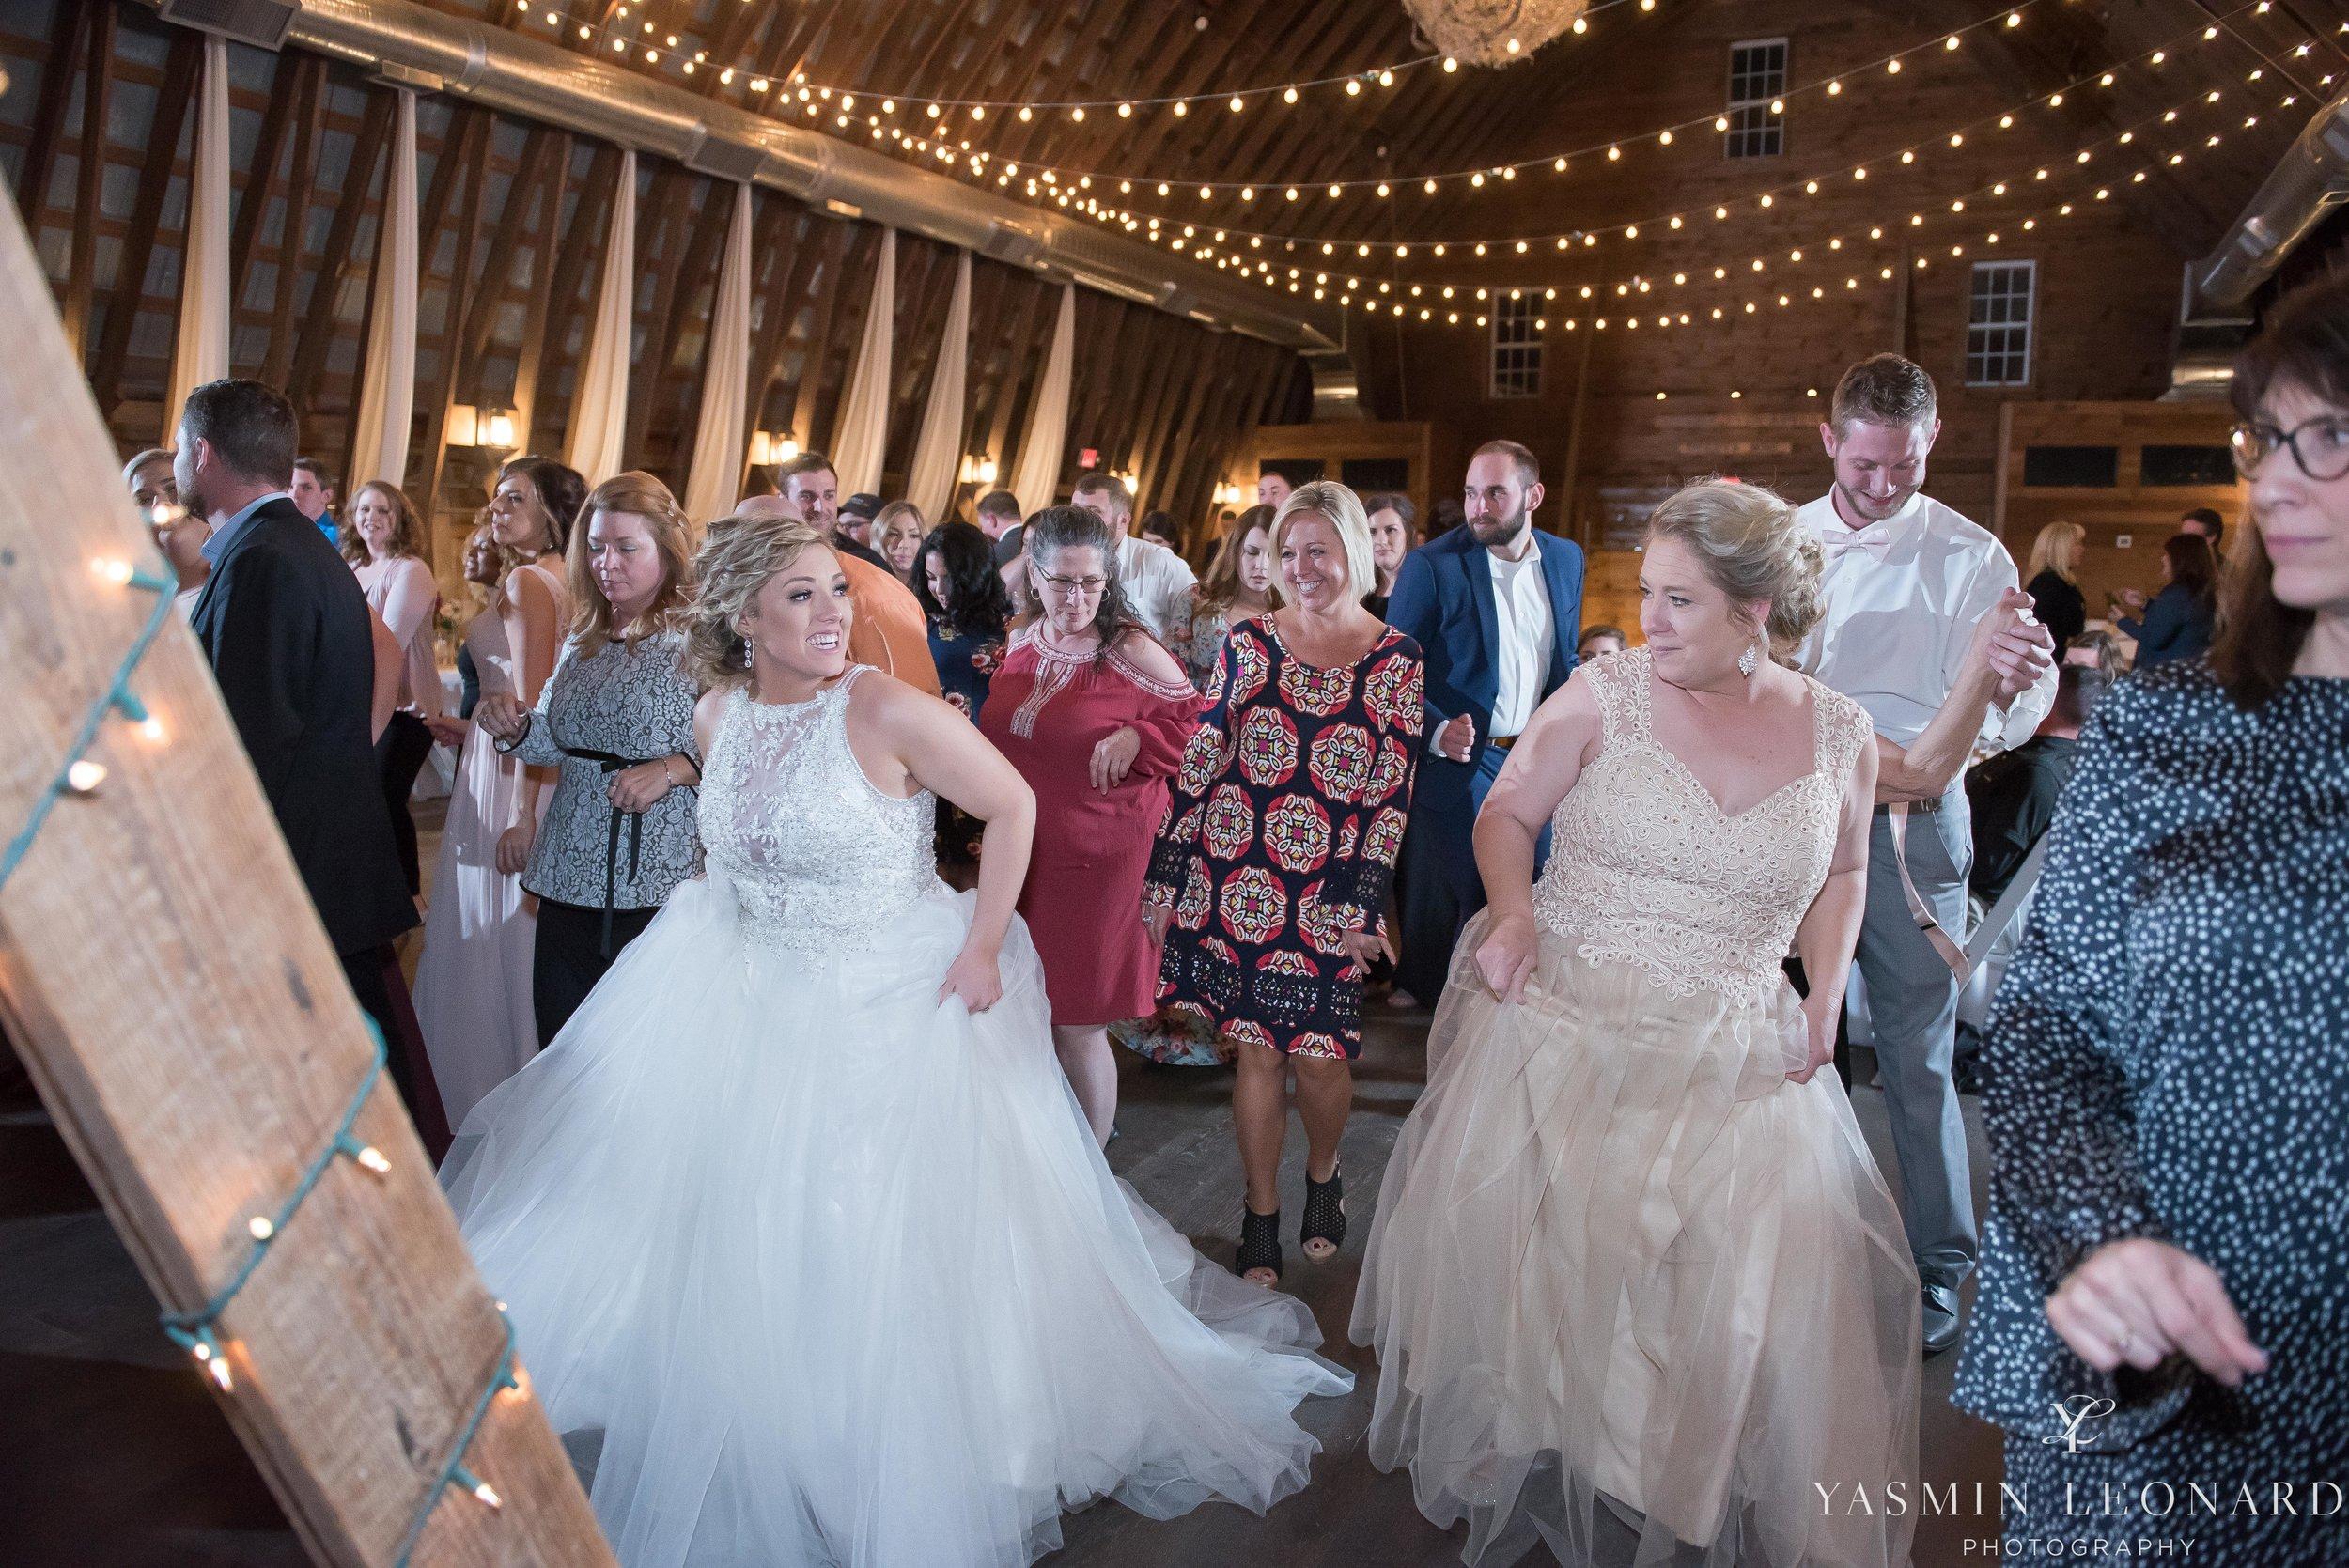 Millikan Farms - Millikan Farms Wedding - Sophia NC Wedding - NC Wedding - NC Wedding Photographer - Yasmin Leonard Photography - High Point Photographer - Barn Wedding - Wedding Venues in NC - Triad Wedding Photographer-91.jpg